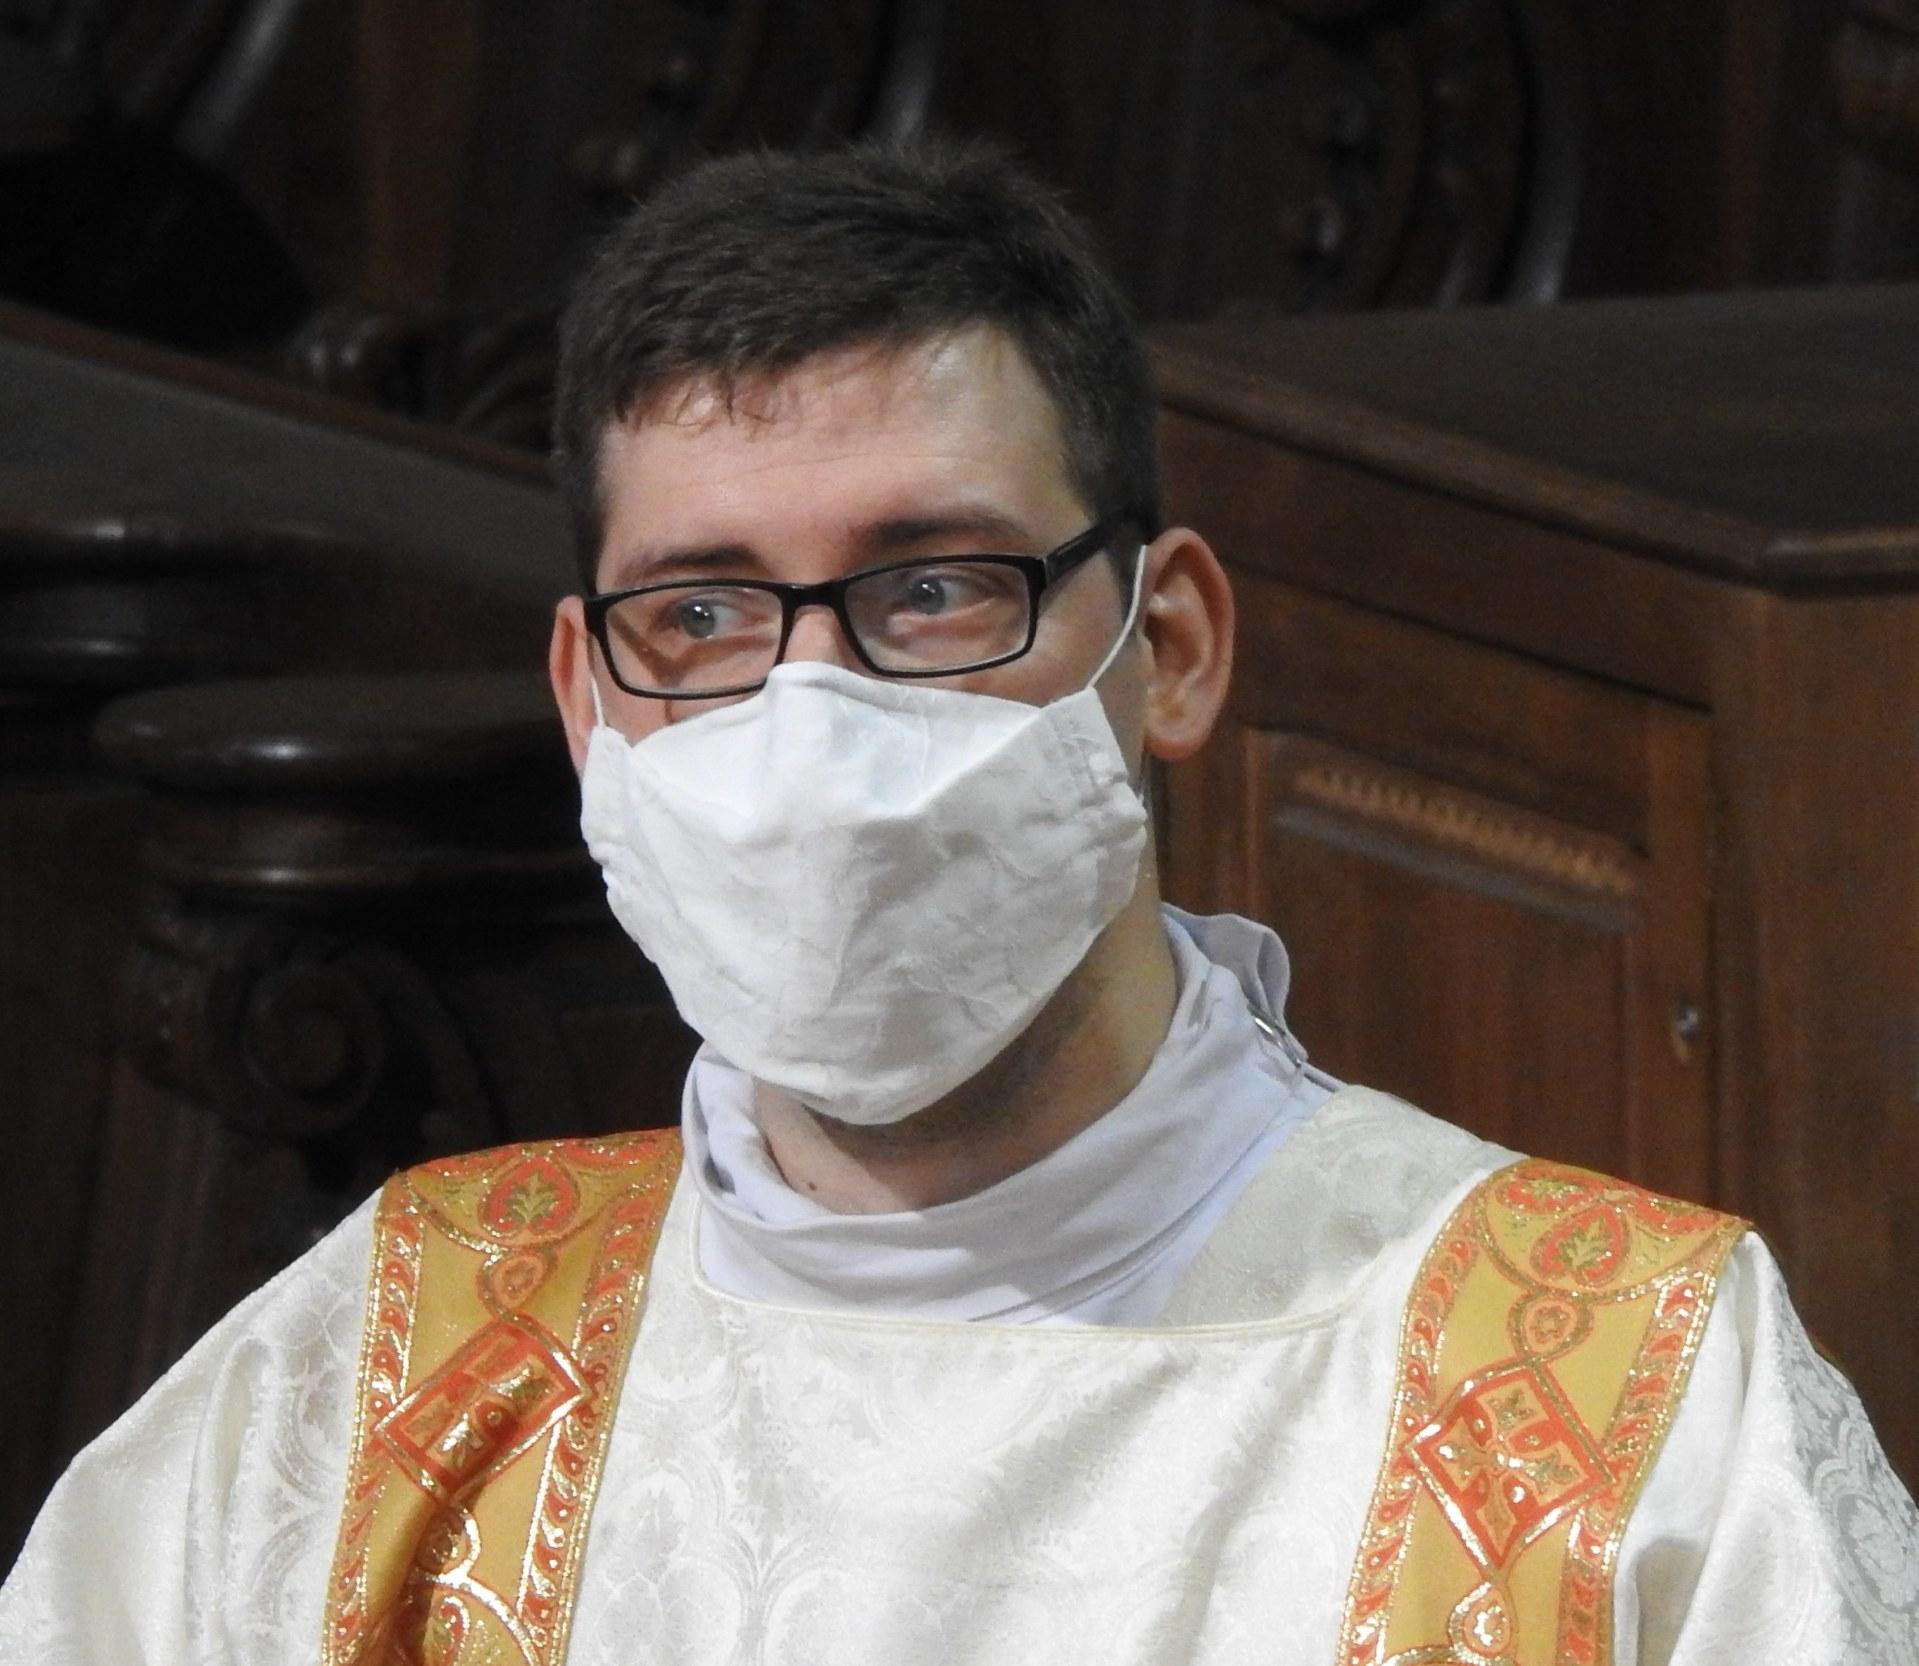 Maxence, séminariste, ordonné prêtre le 21 juin prochain